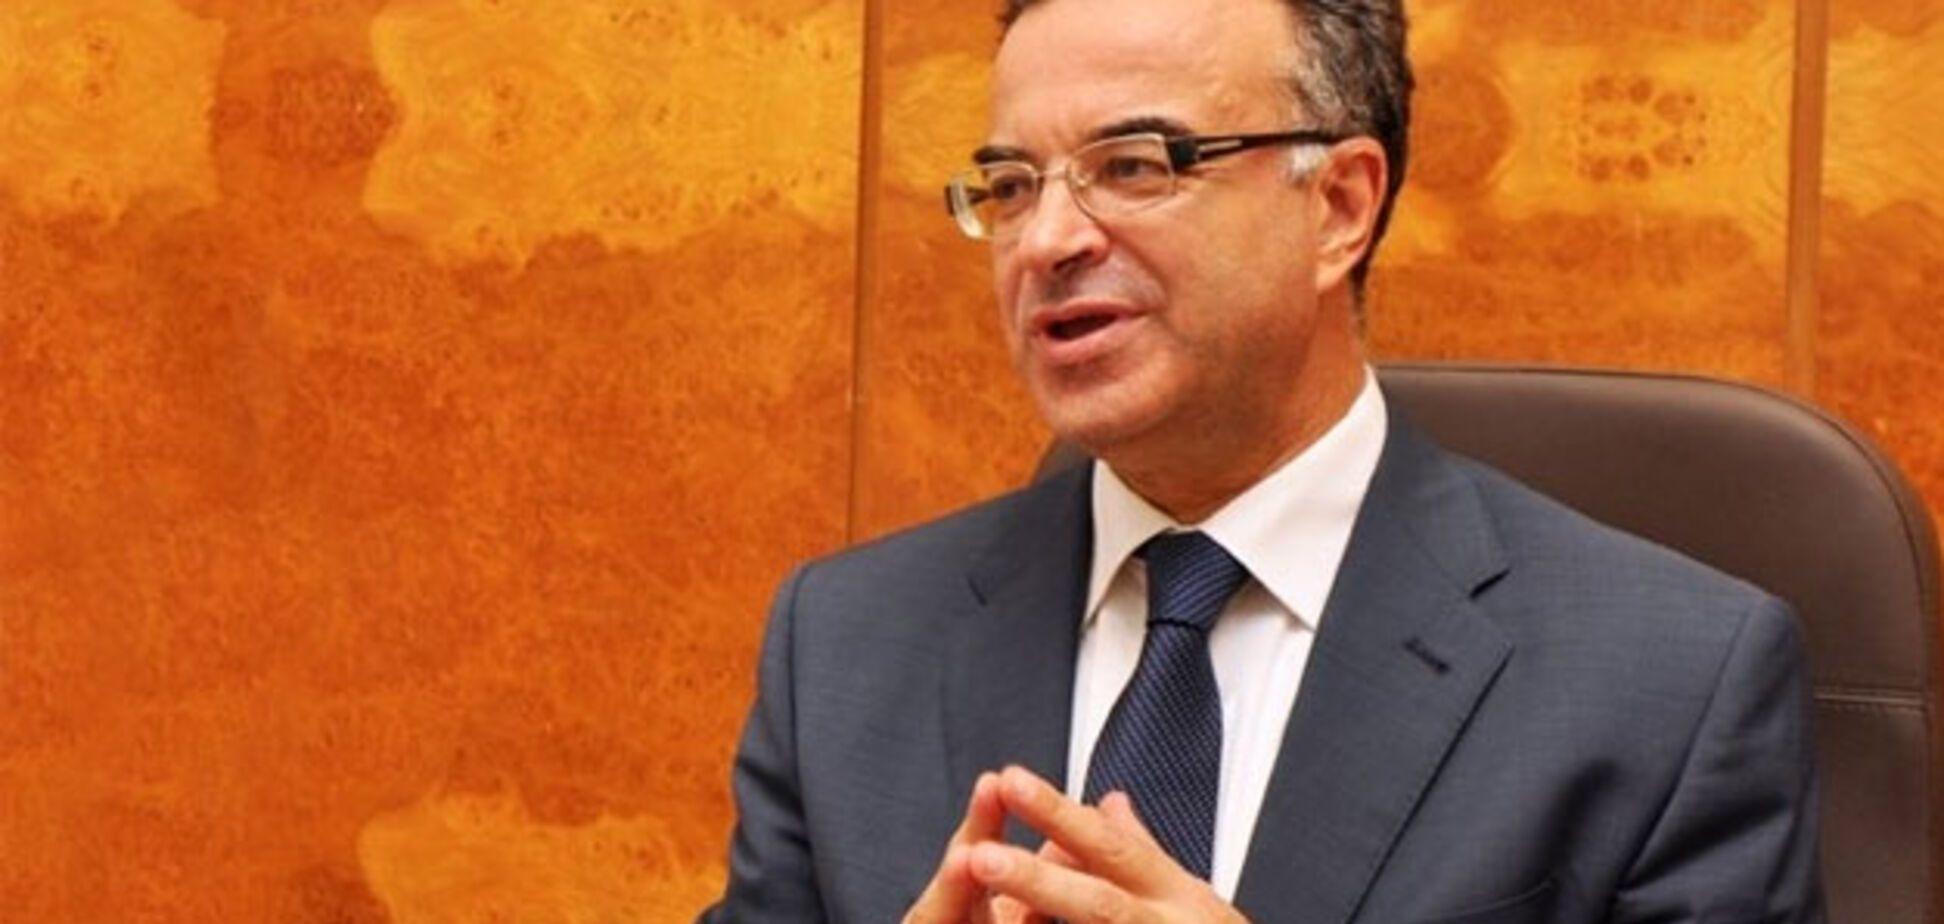 Міністр охорони здоров'я Тунісу помер під час забігу проти раку